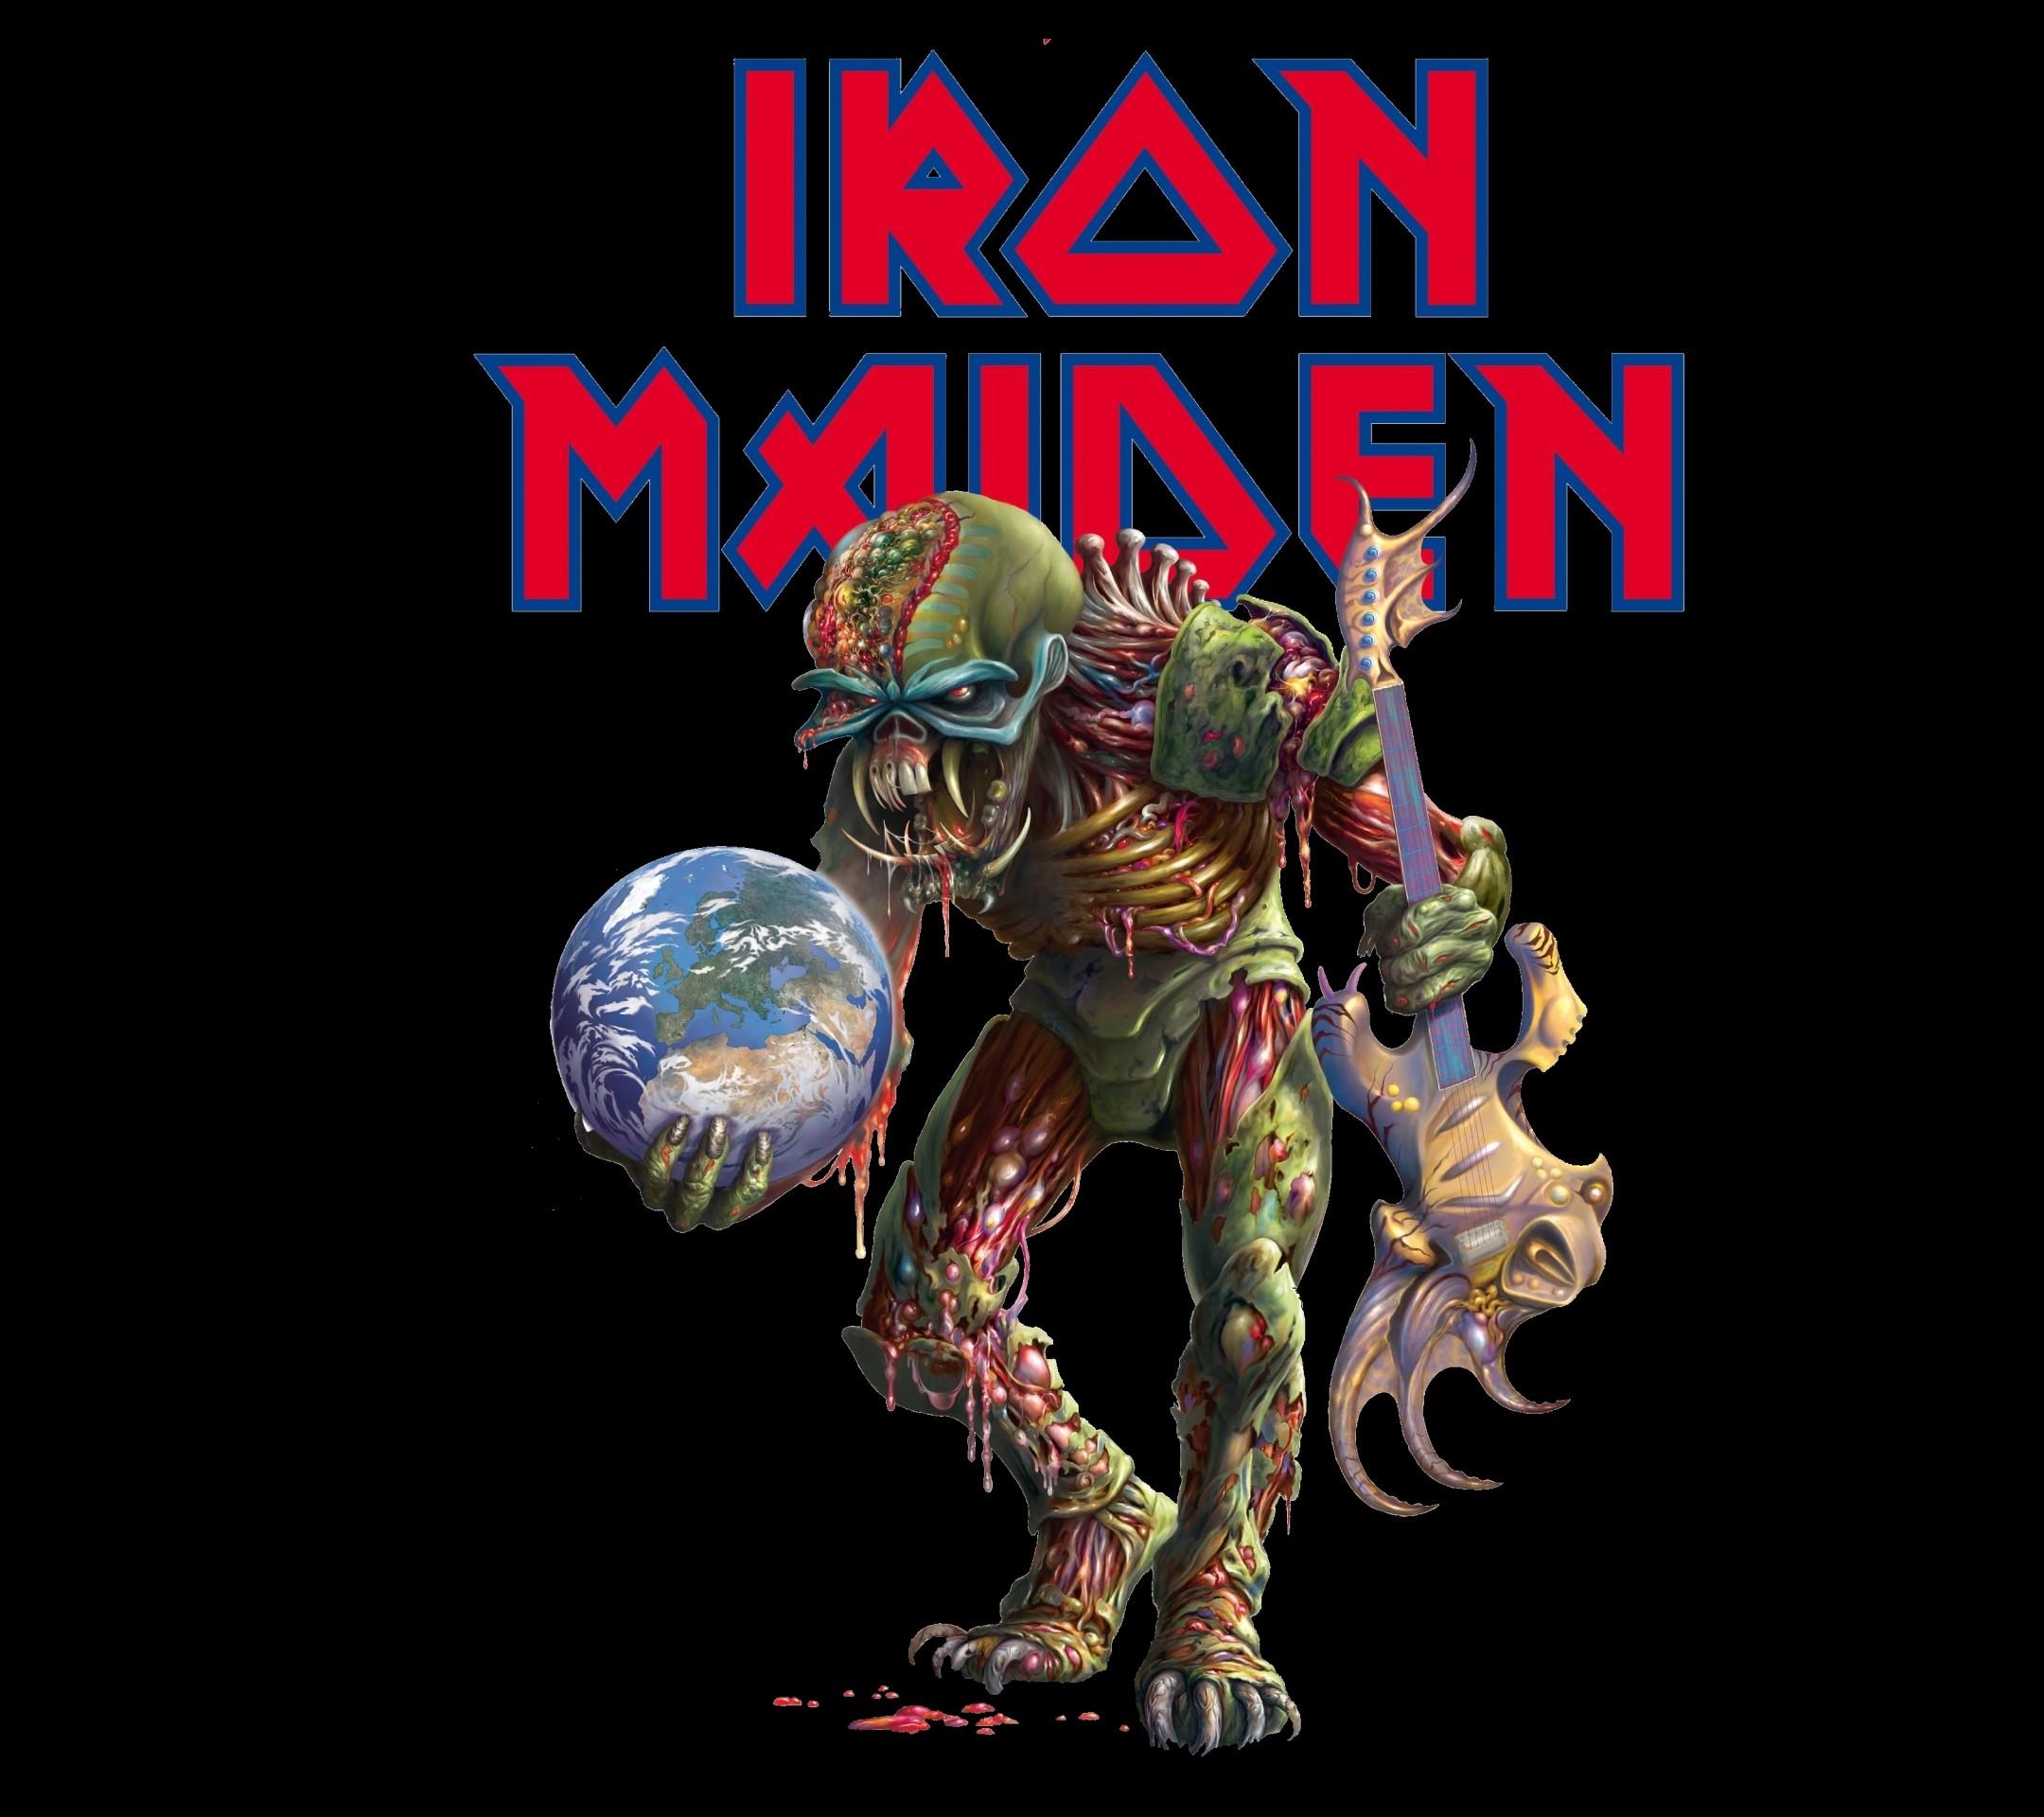 Wallpaper Iphone Iron Maiden: Iron Maiden Wallpaper (81+ Immagini